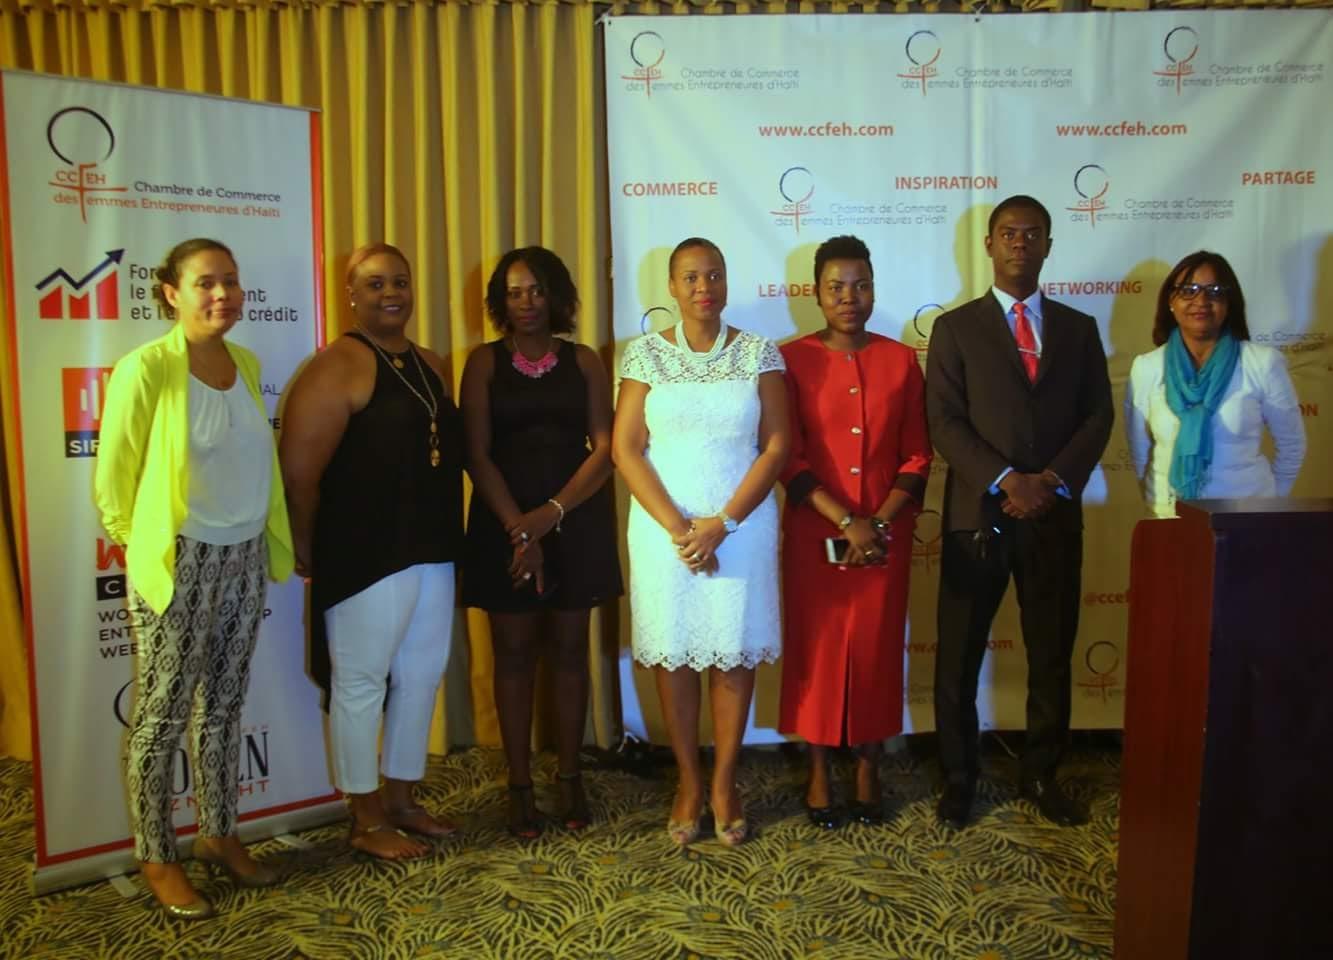 haiti droit investissement a propos de l 39 auteur